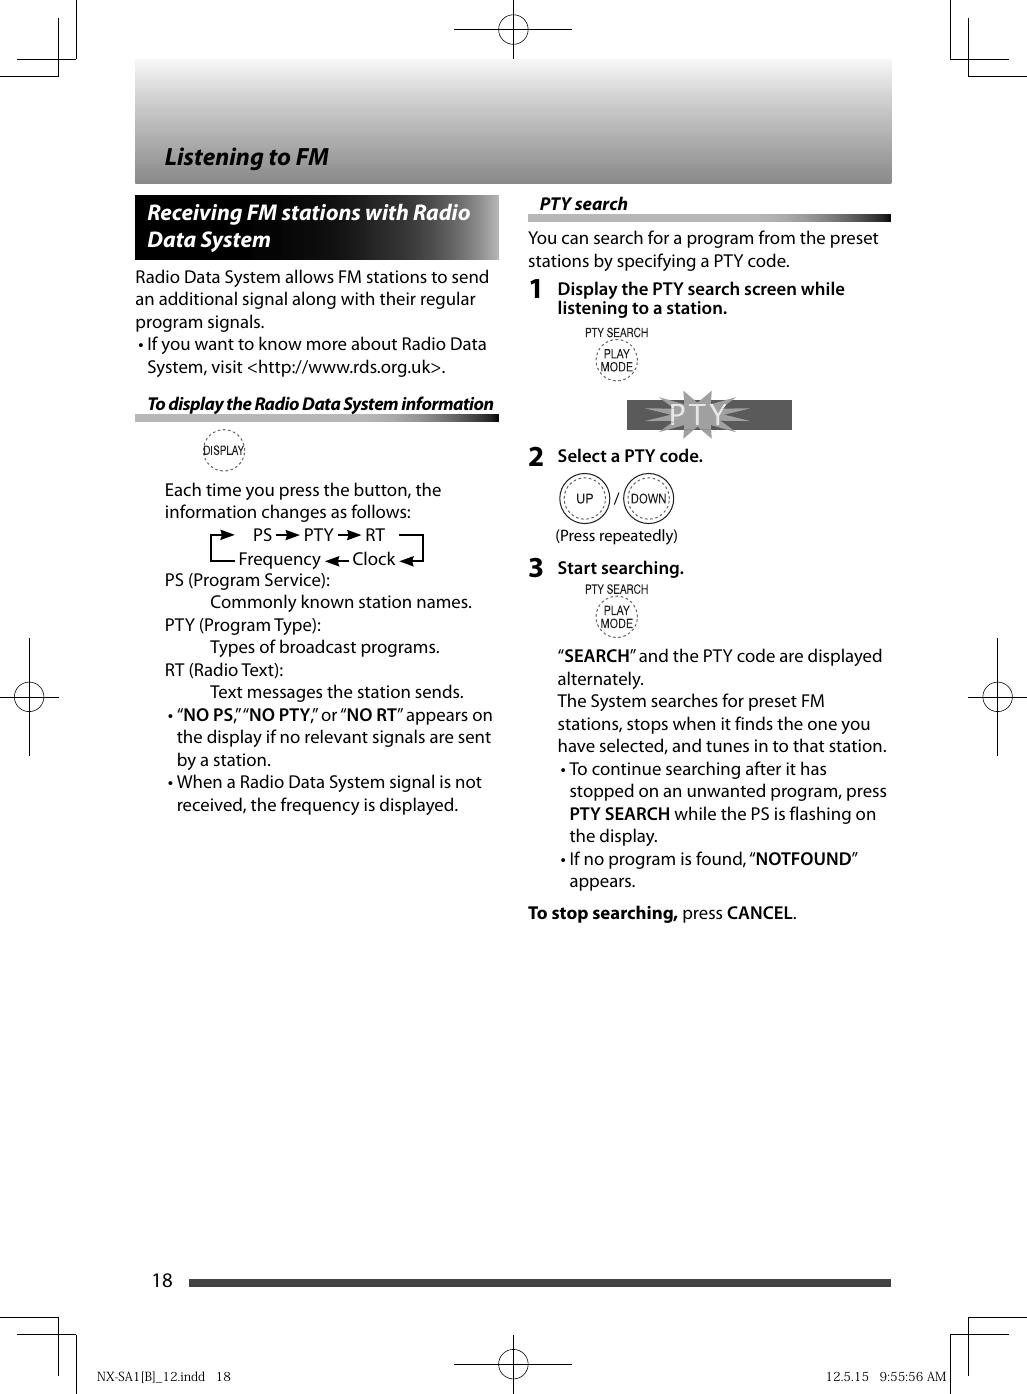 JVC NX SA1BB SA1[B] User Manual SA1BB, SA1RB, SA1WB LVT2353 002A